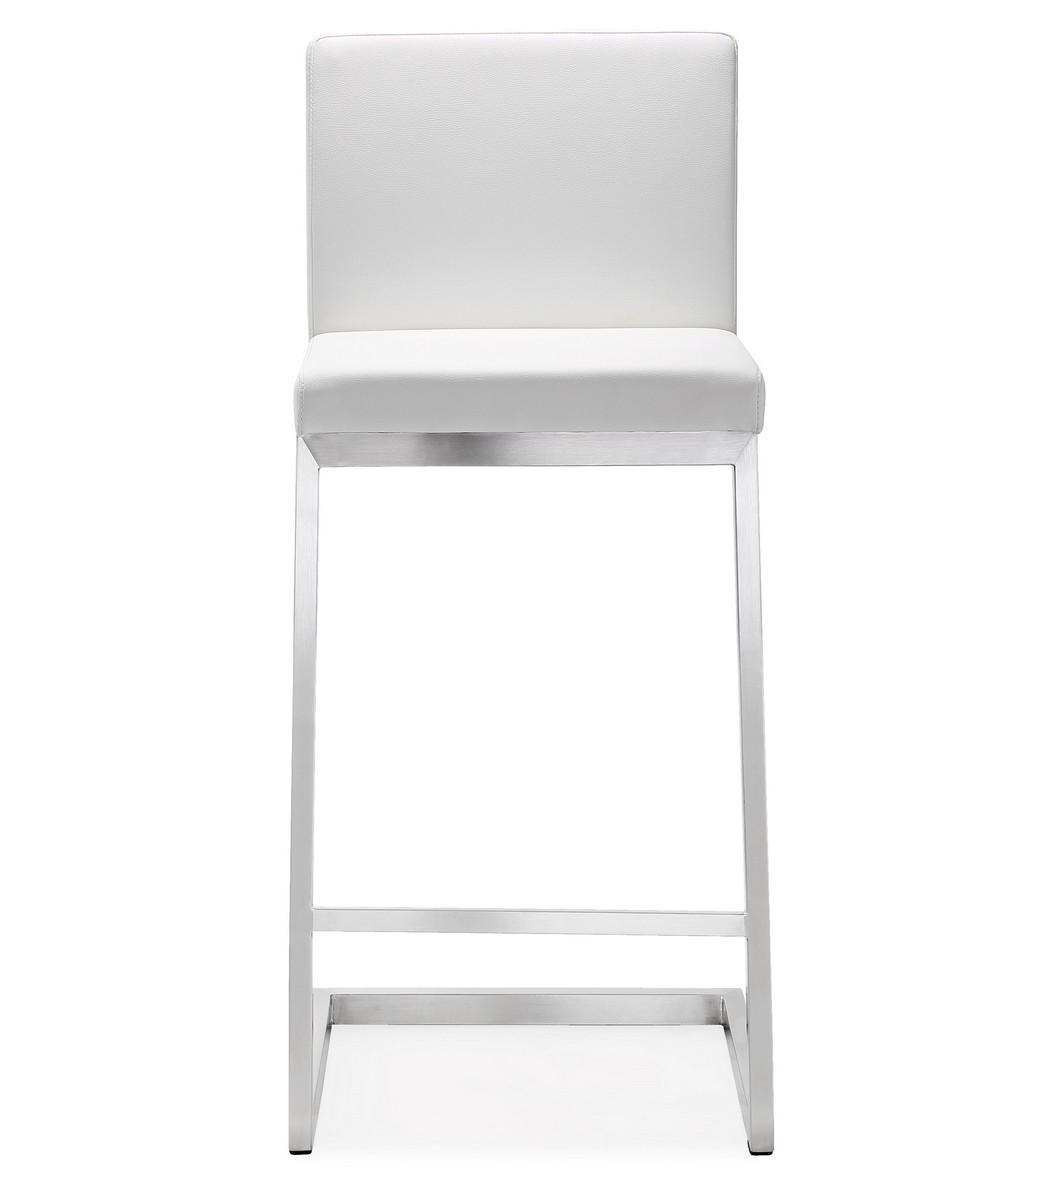 stainless steel stools kitchen aid artisan mixer tov furniture parma white counter stool